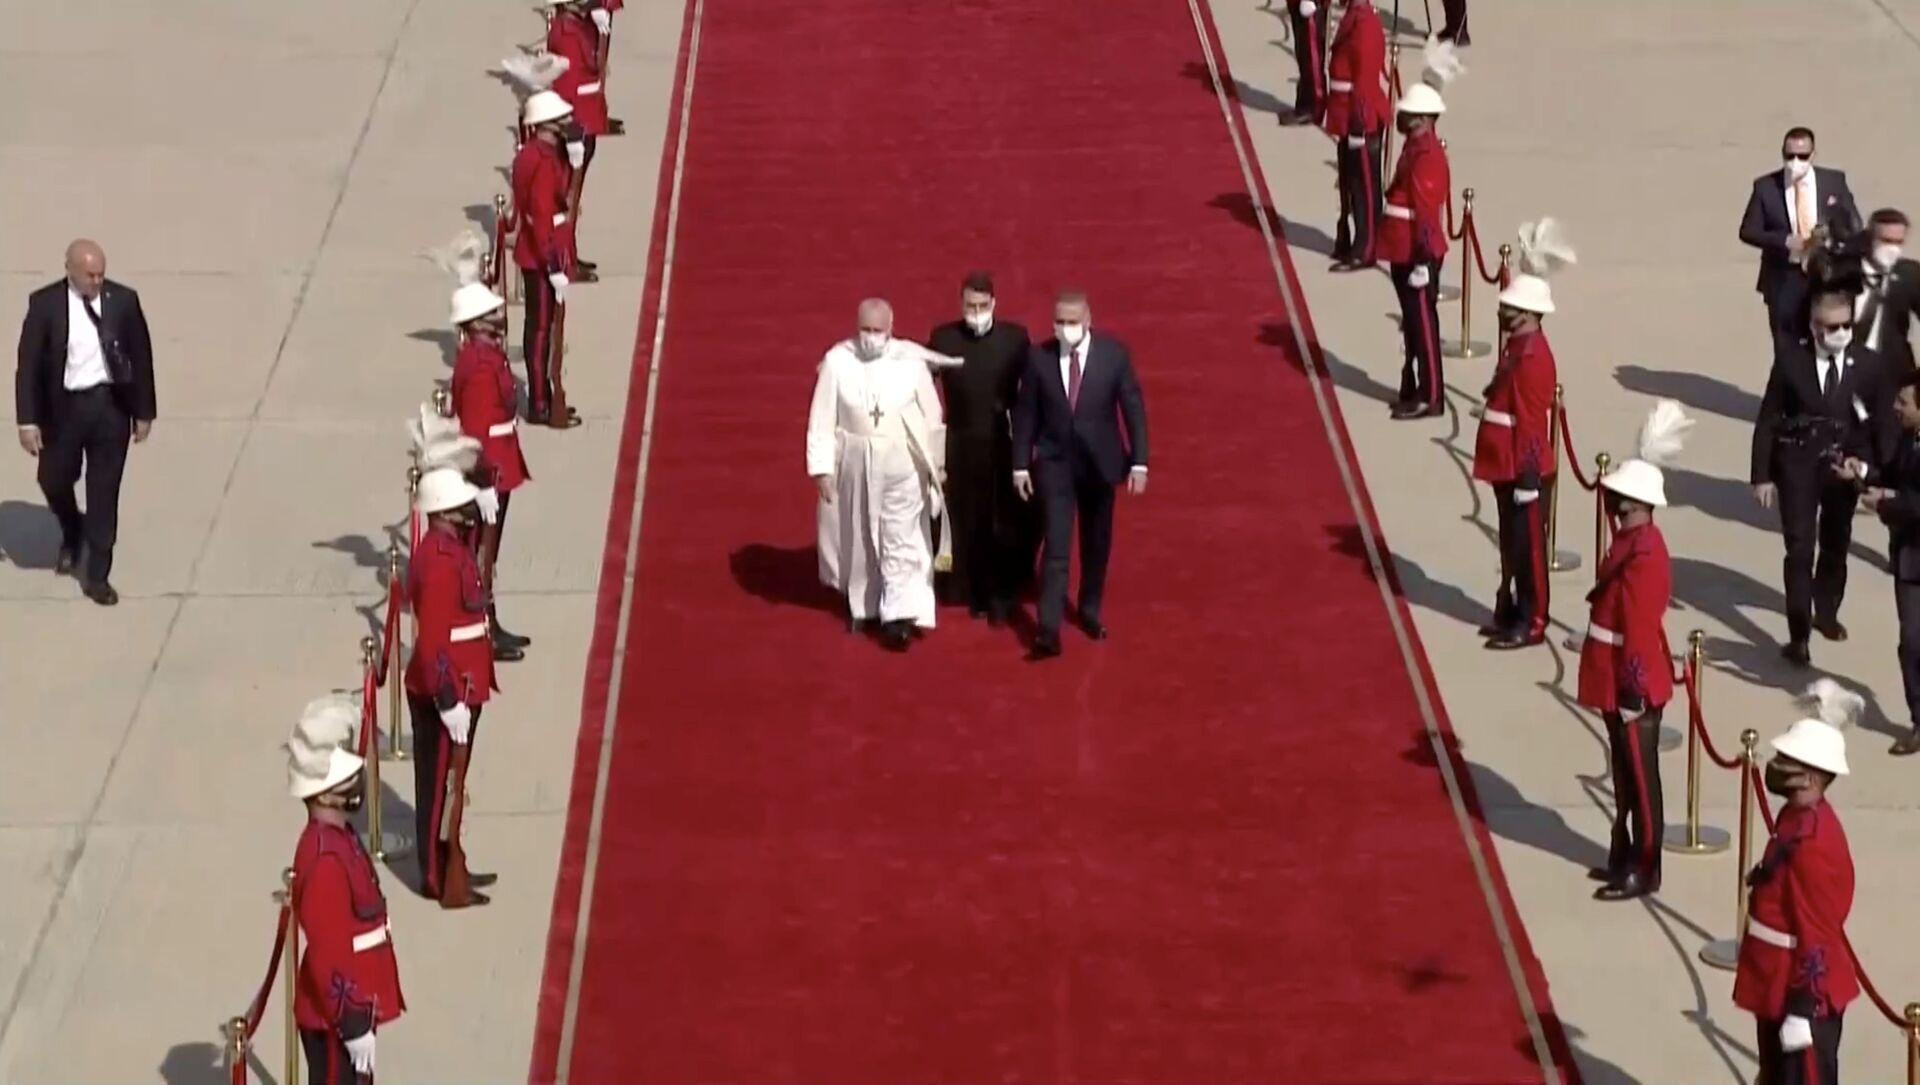 Il Papa Francesco arriva a Baghdad nella prima visita internazionale durante la crisi pandemica - Sputnik Italia, 1920, 06.03.2021